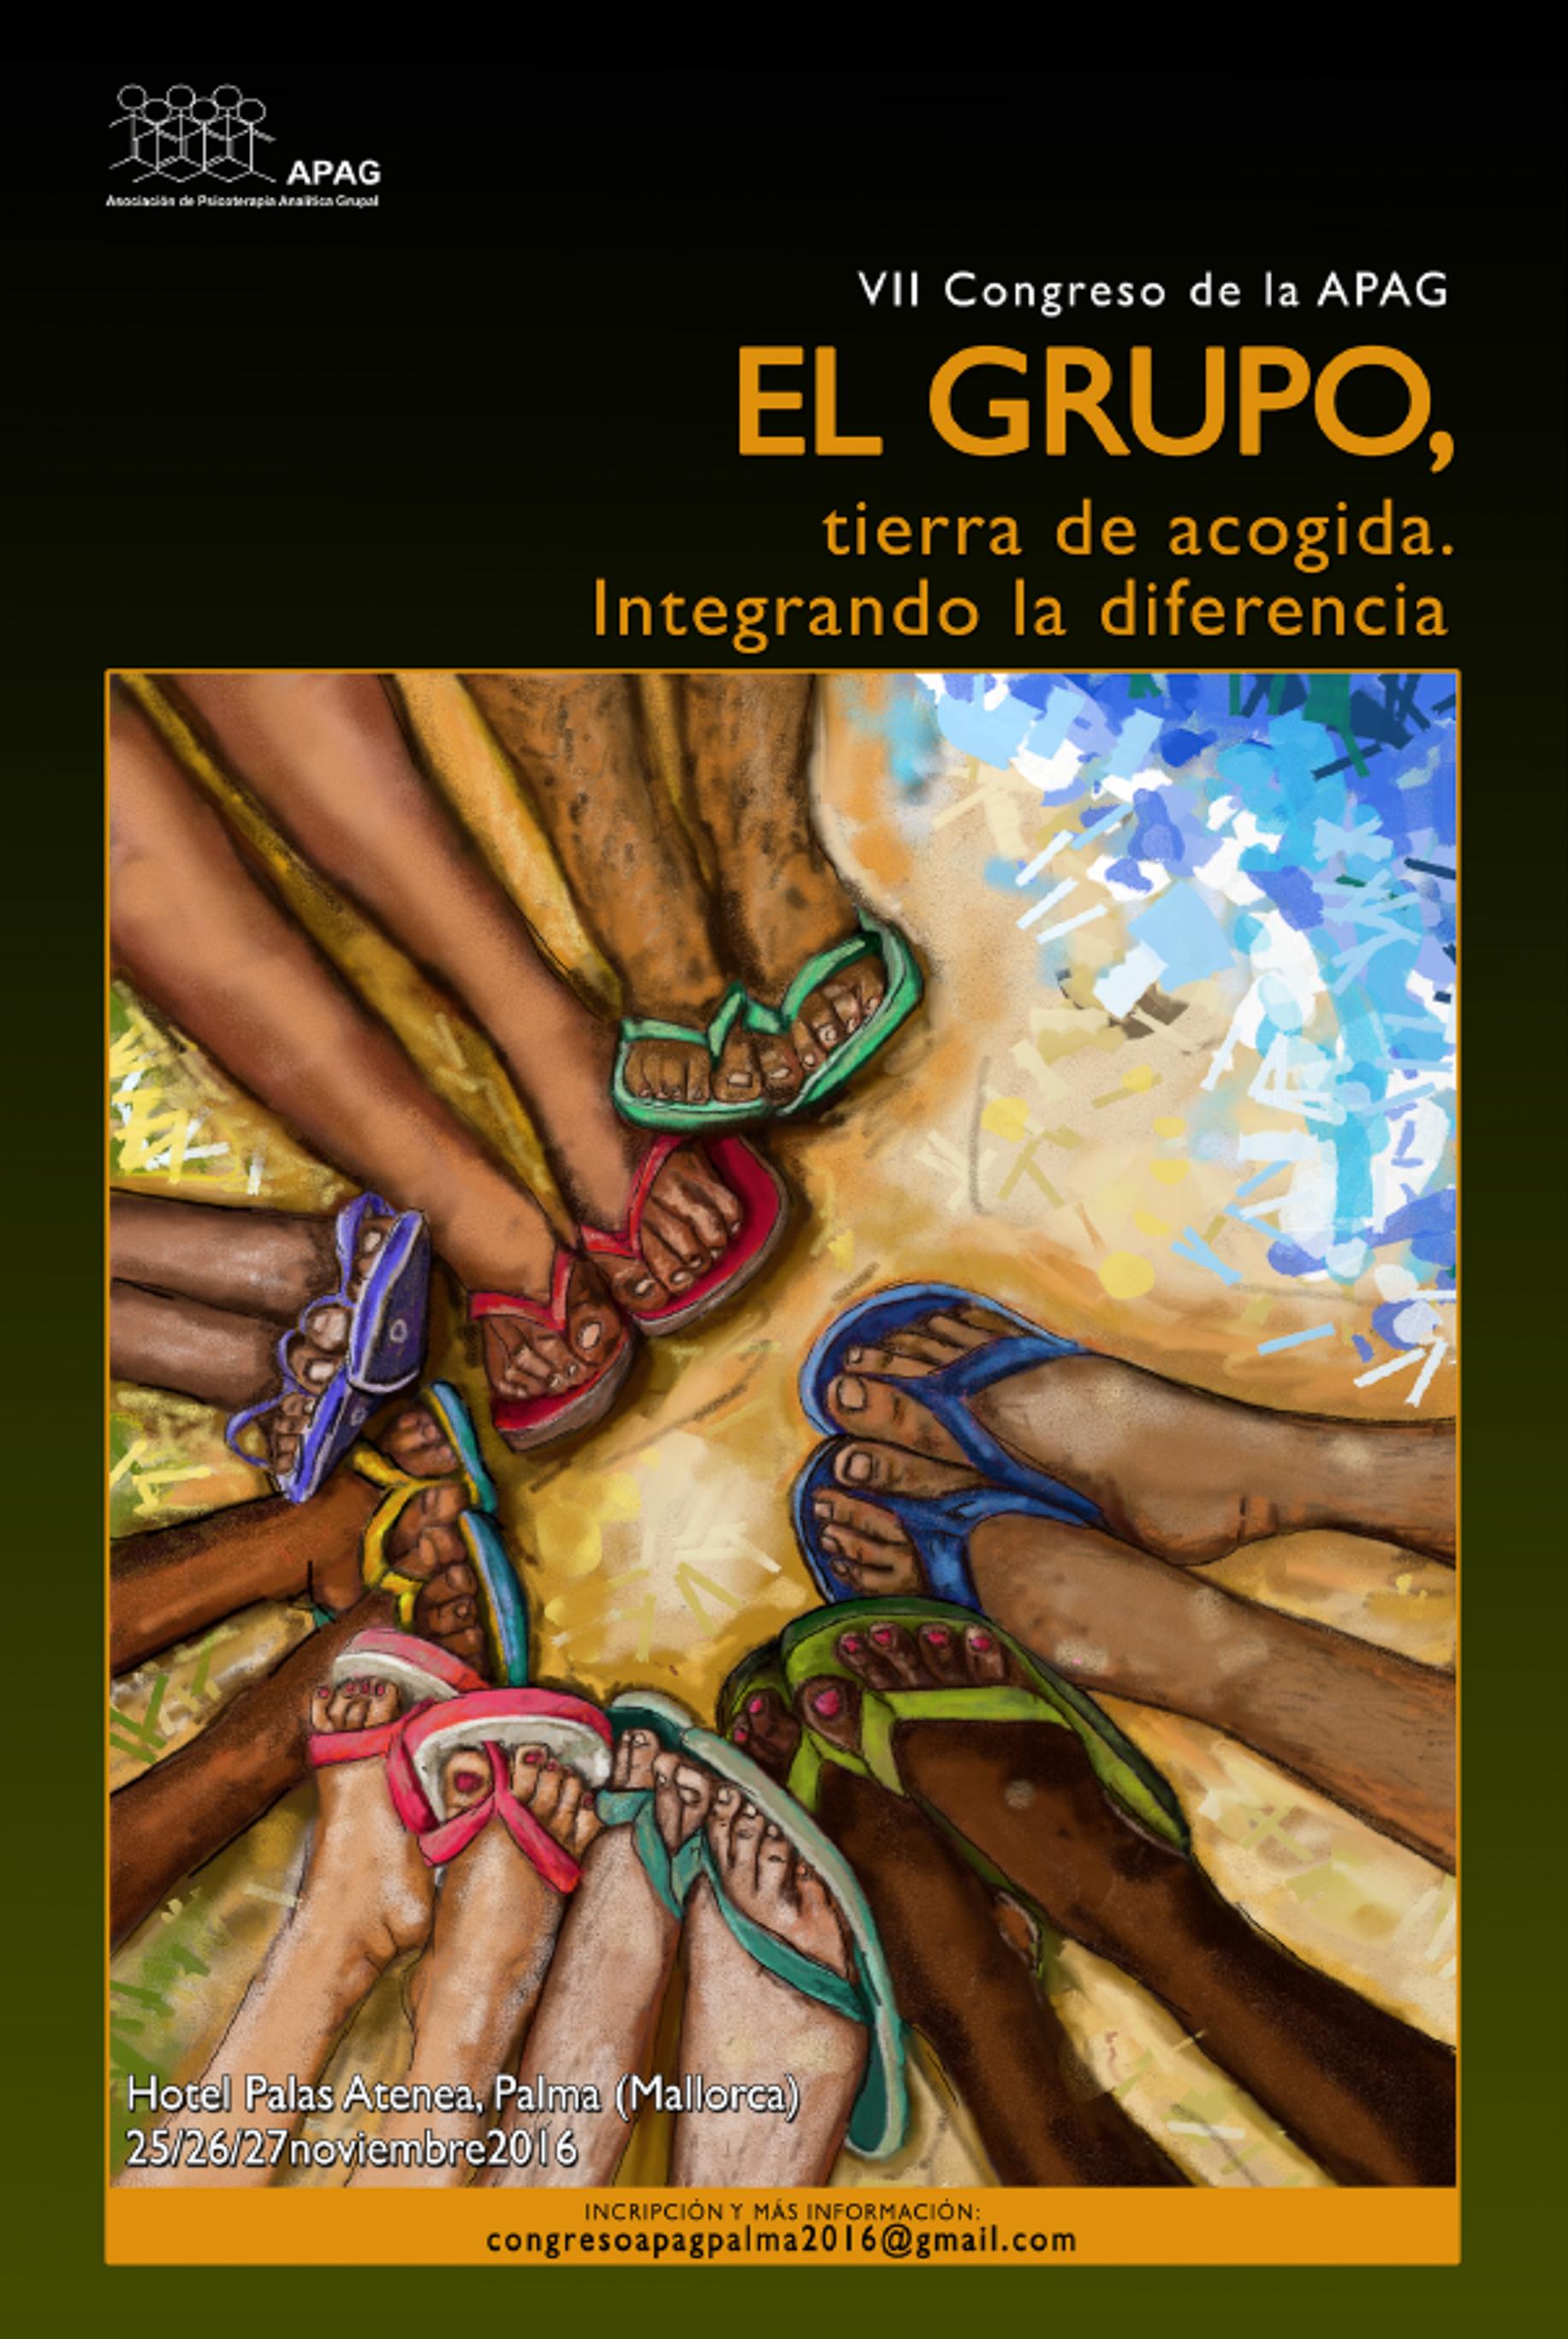 VII Congreso de la Asociación de Psicoterapia Analítica Grupal (APAG)